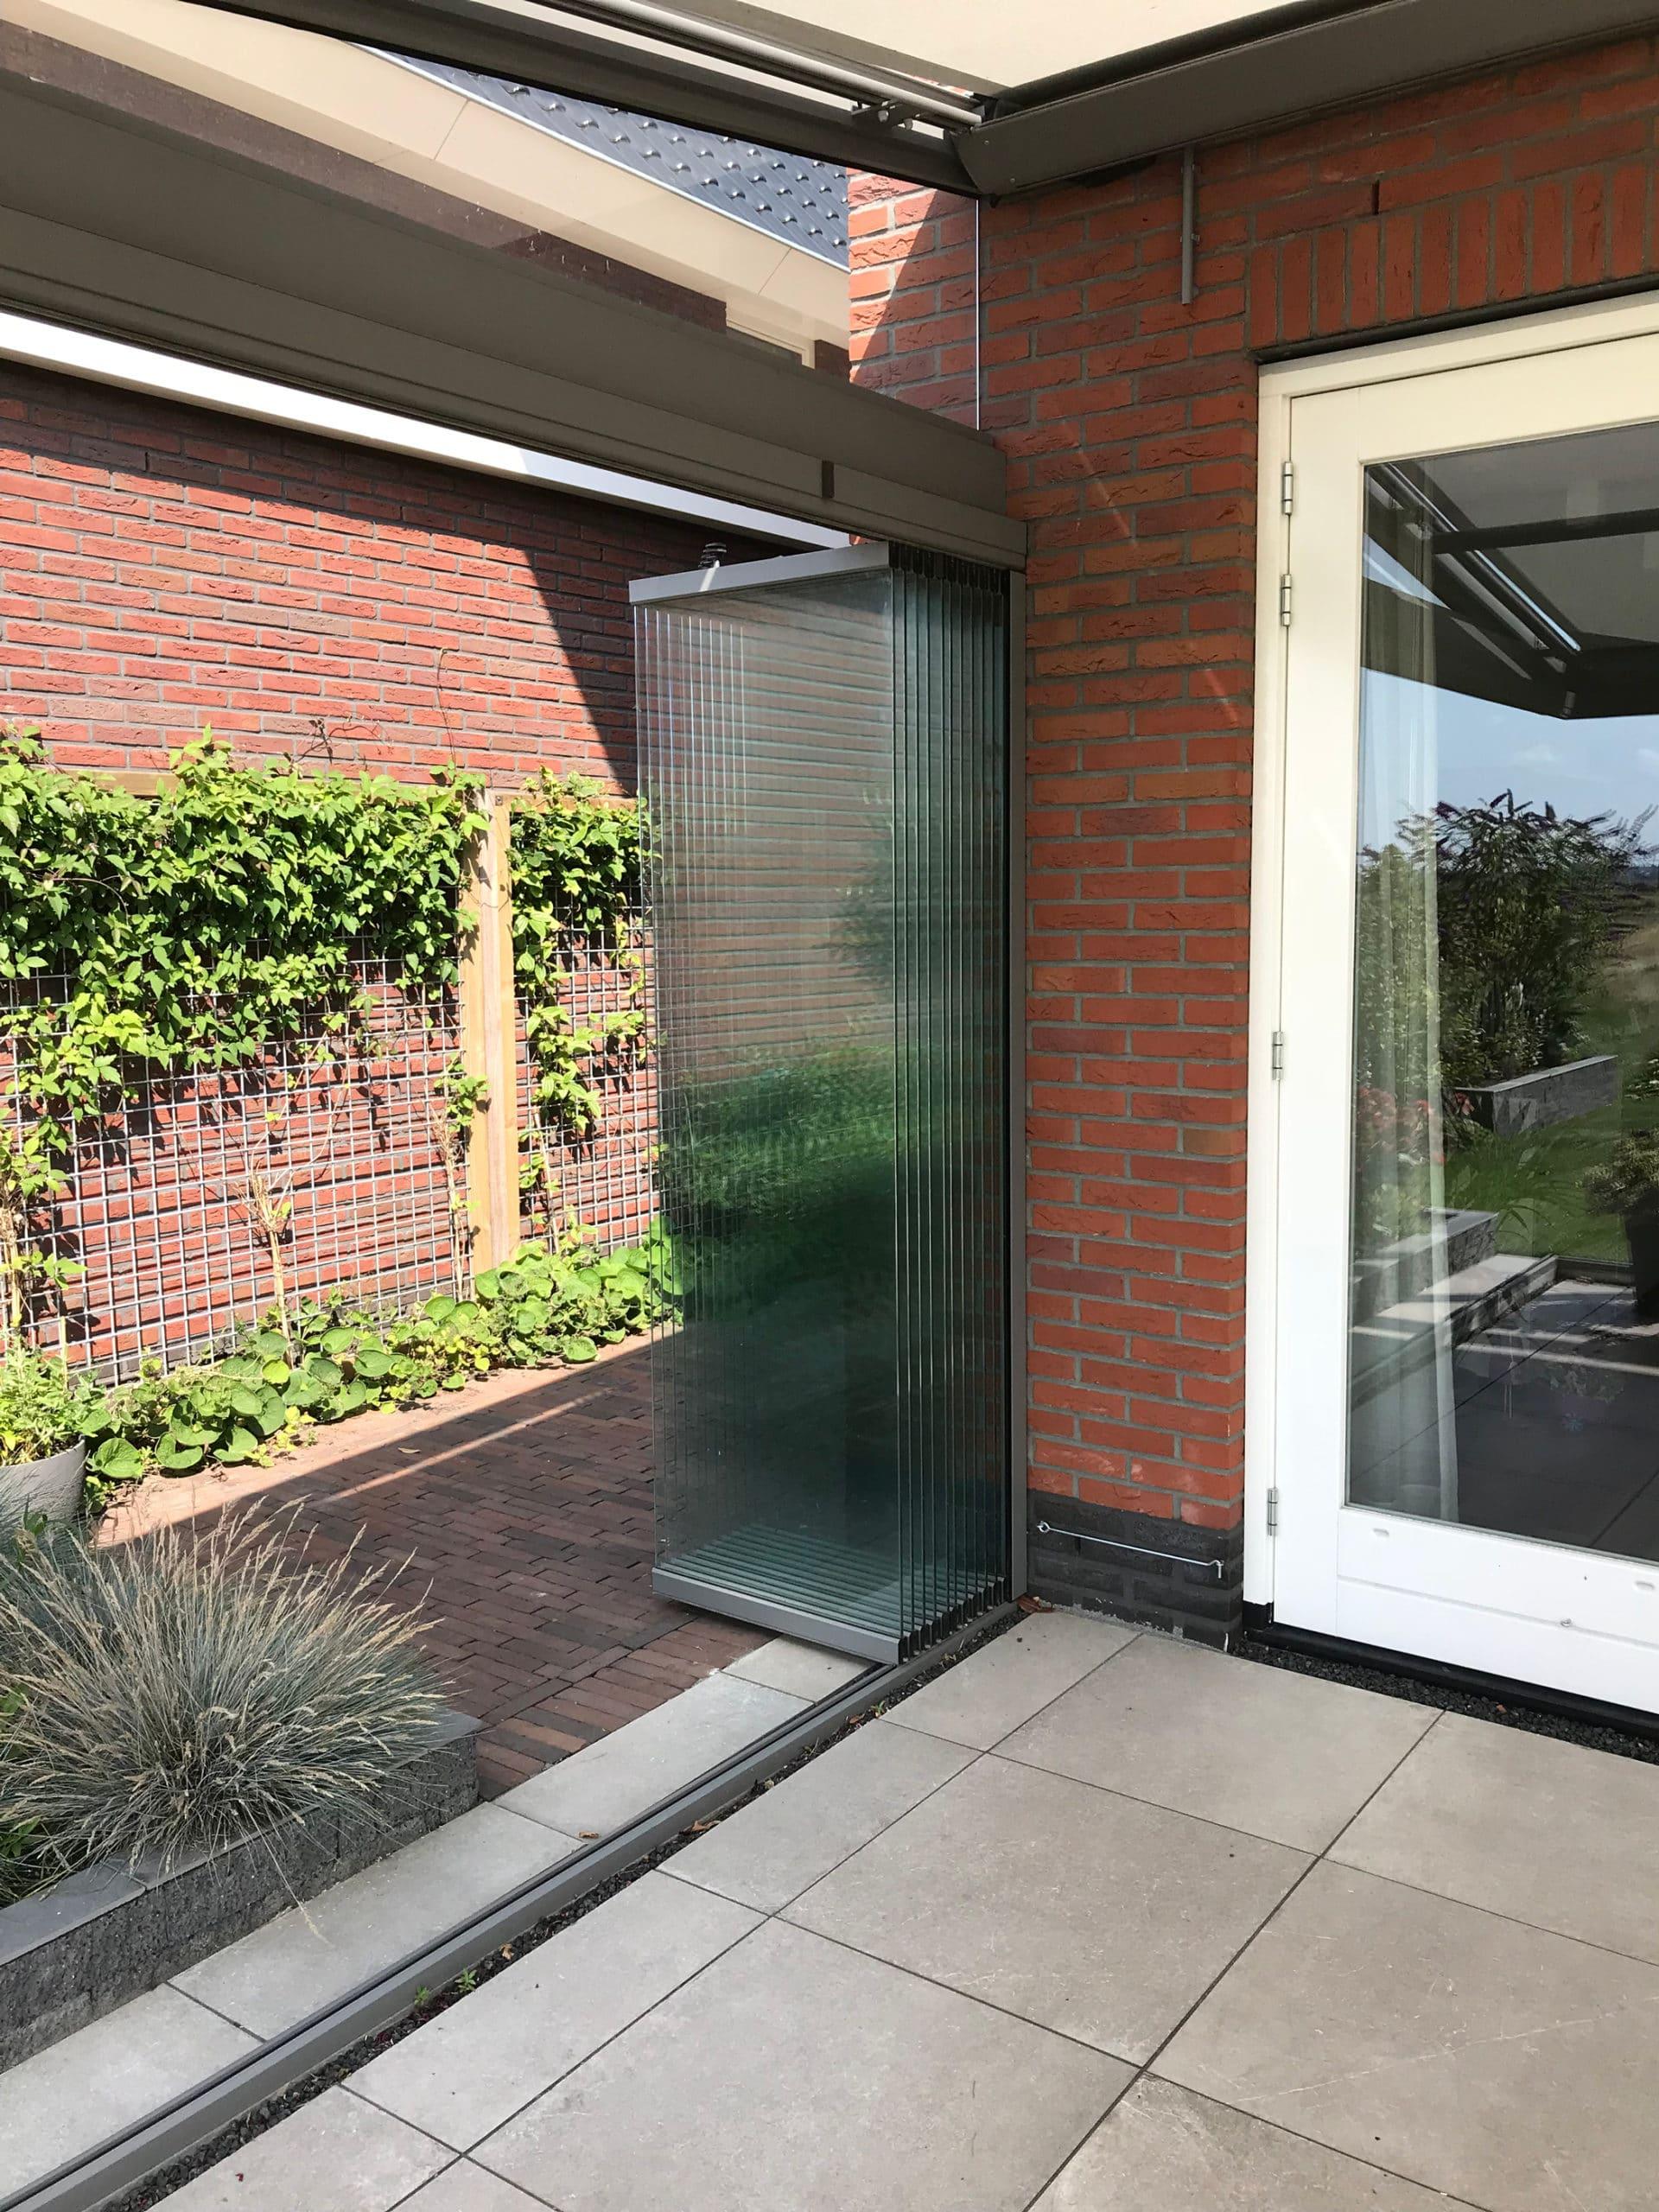 Öffnungsbeispiele Schiebe-Dreh-Systeme Sunflex